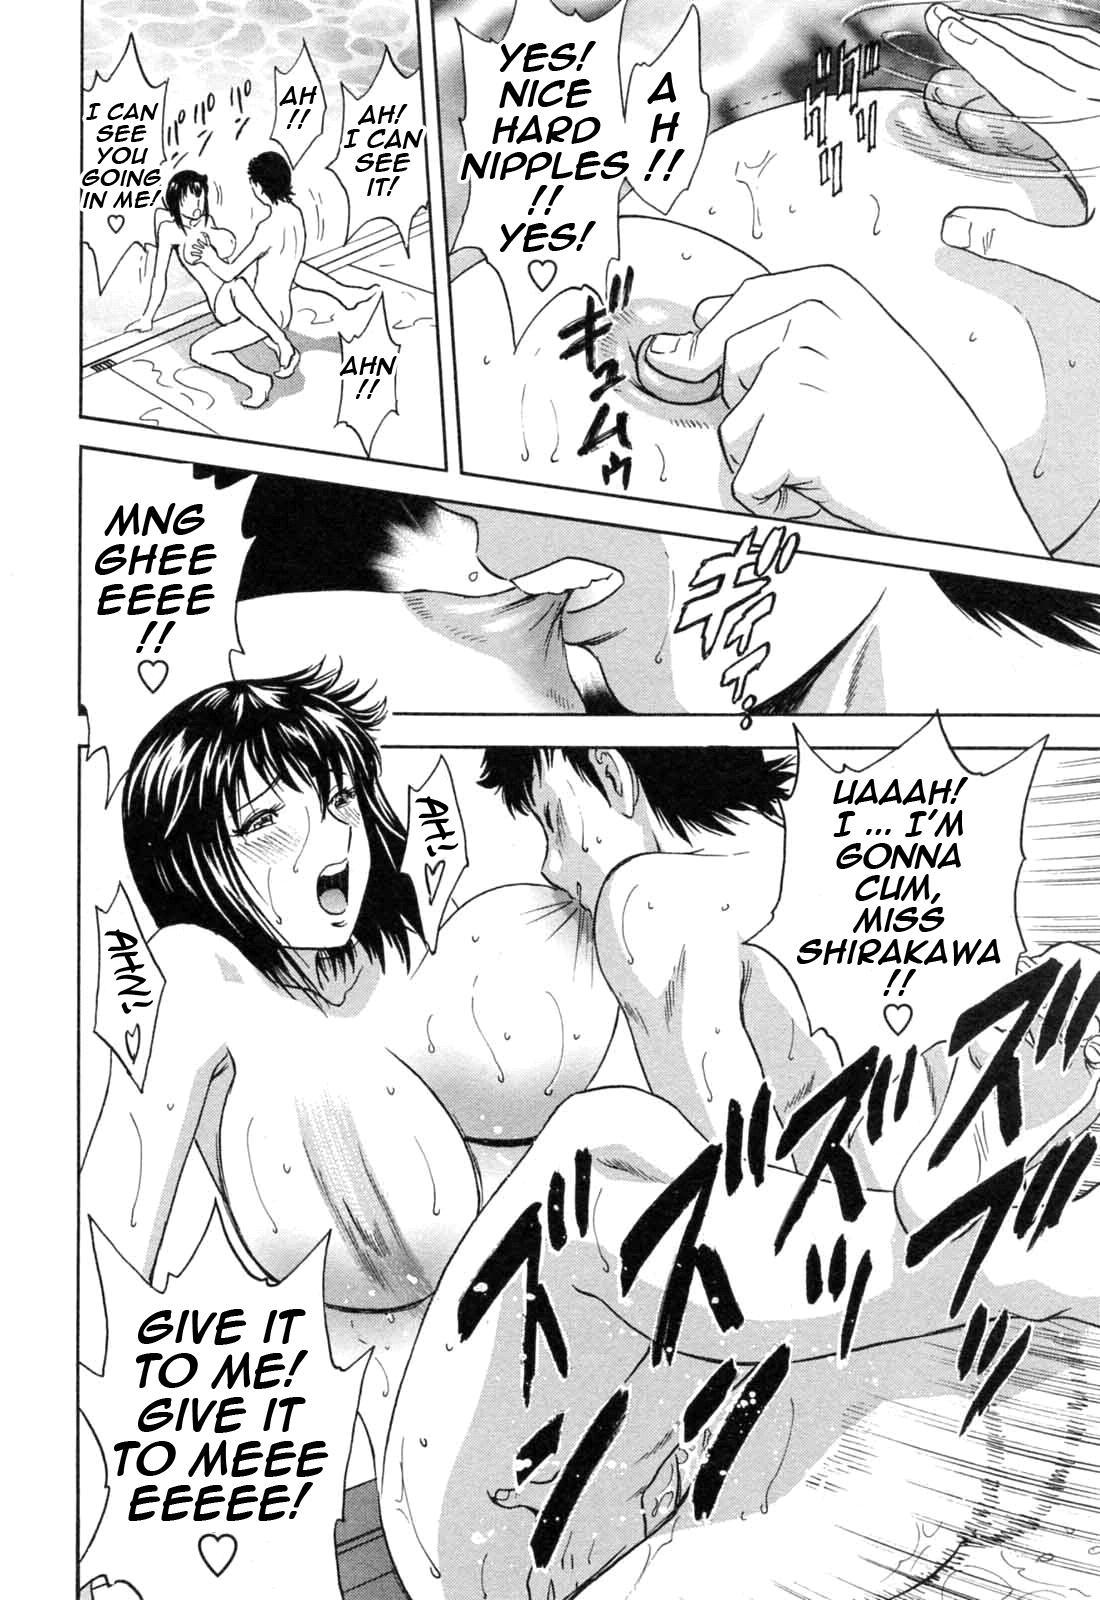 [Hidemaru] Mo-Retsu! Boin Sensei (Boing Boing Teacher) Vol.5 [English] [4dawgz] [Tadanohito] 129